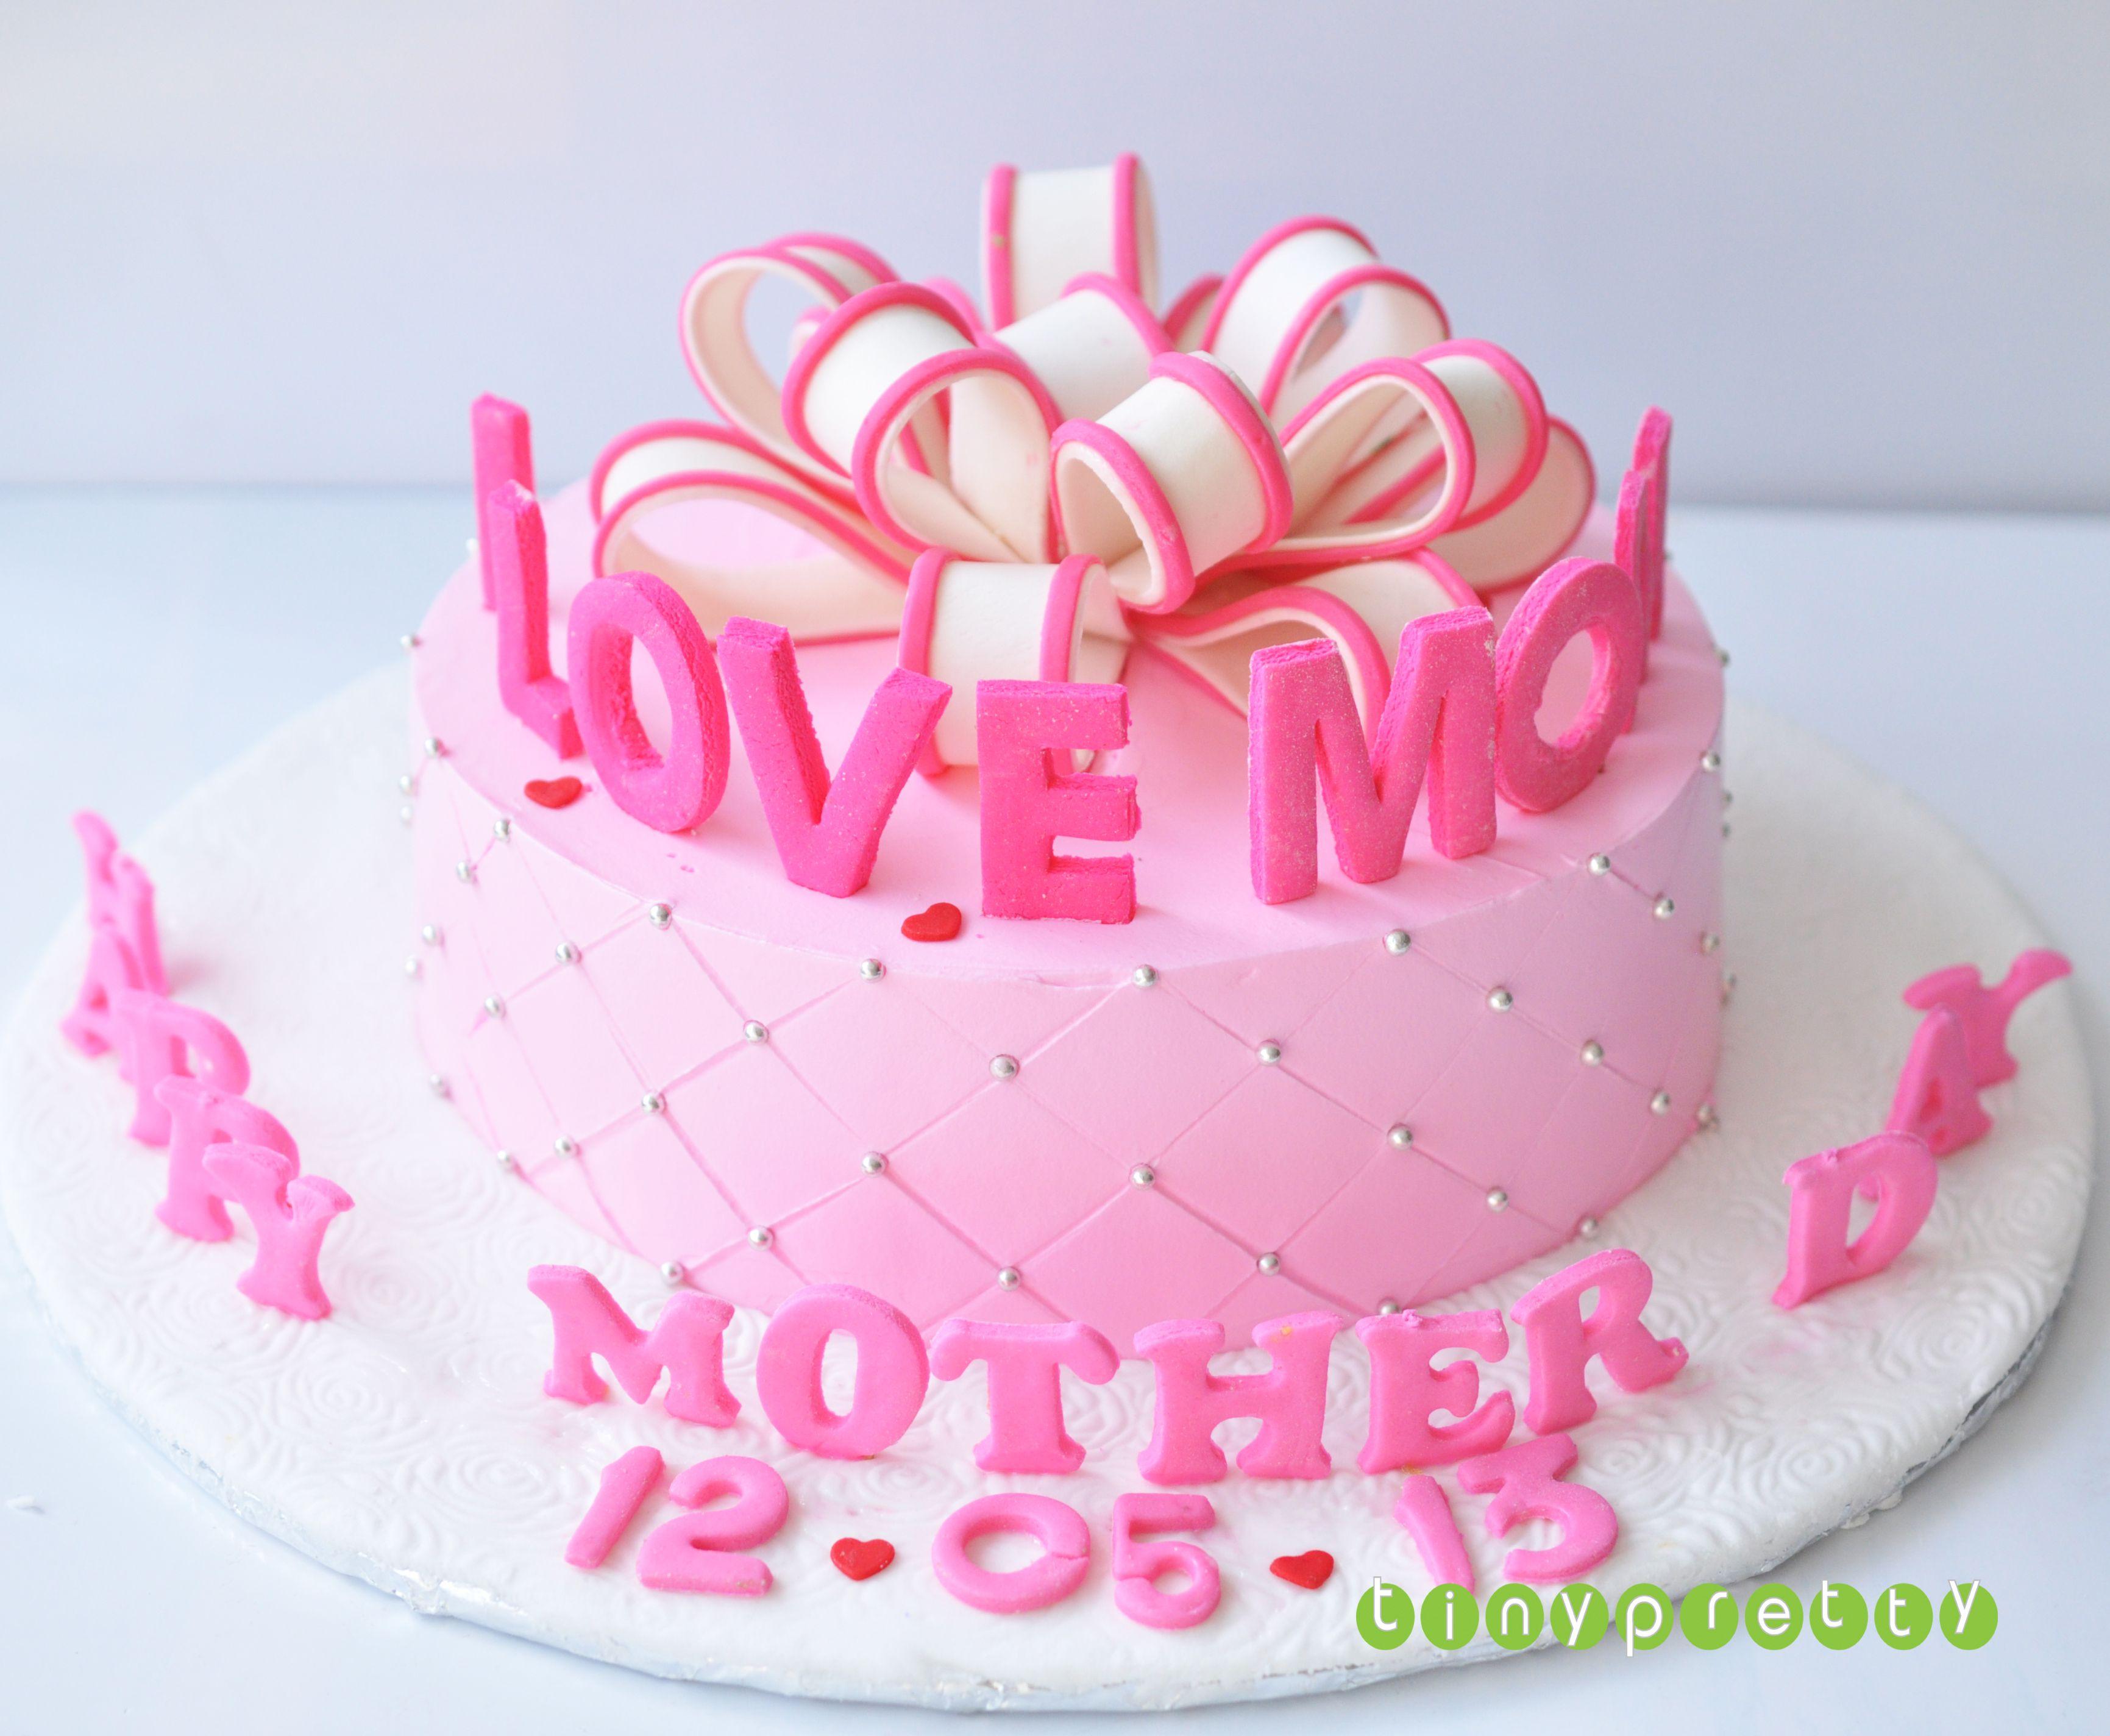 Happy mother day cake birthday cake for mom birthday